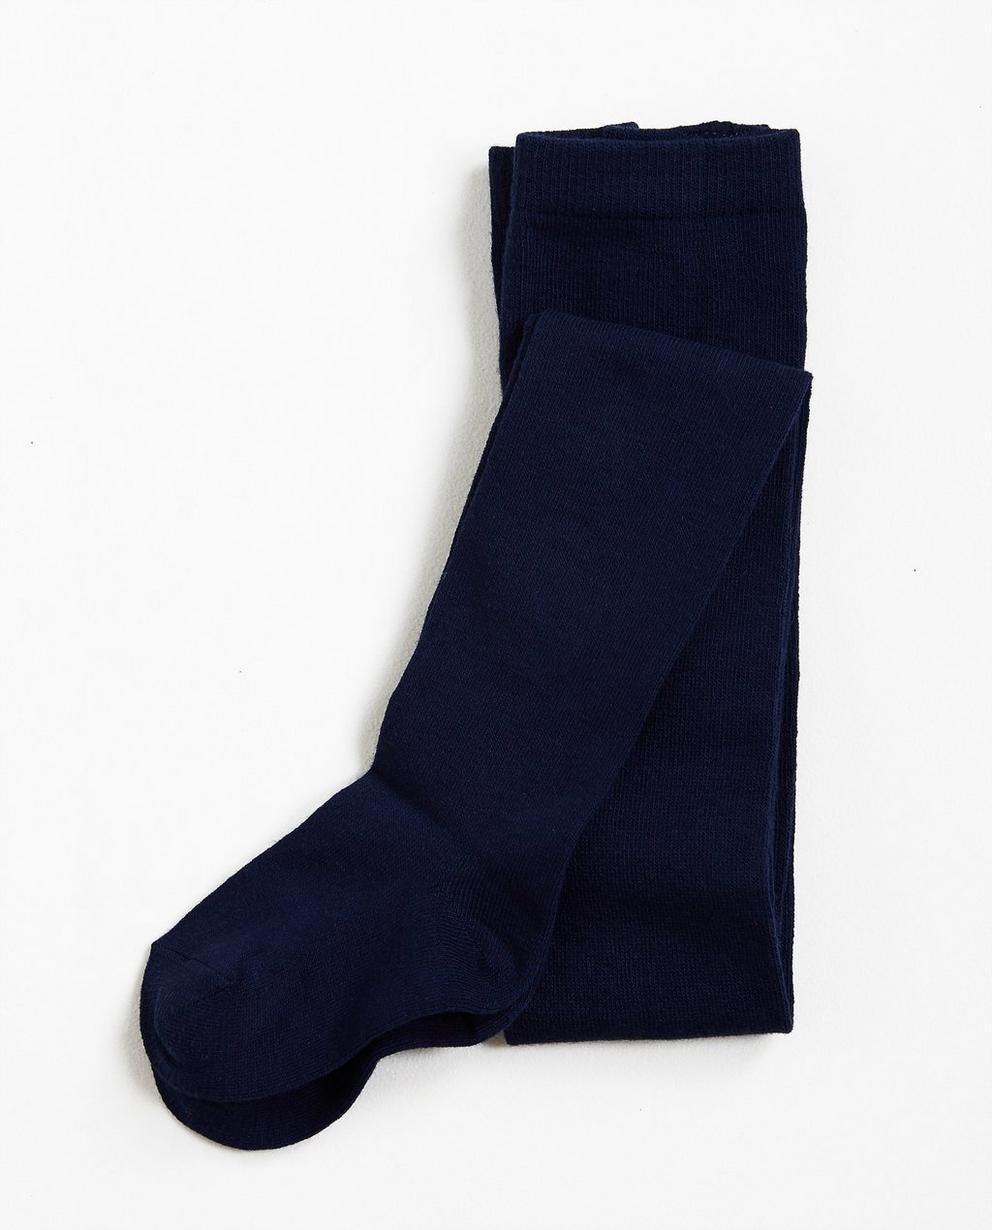 Nachtblaue Strumpfhose - aus stretchigen Baumwollmix - JBC